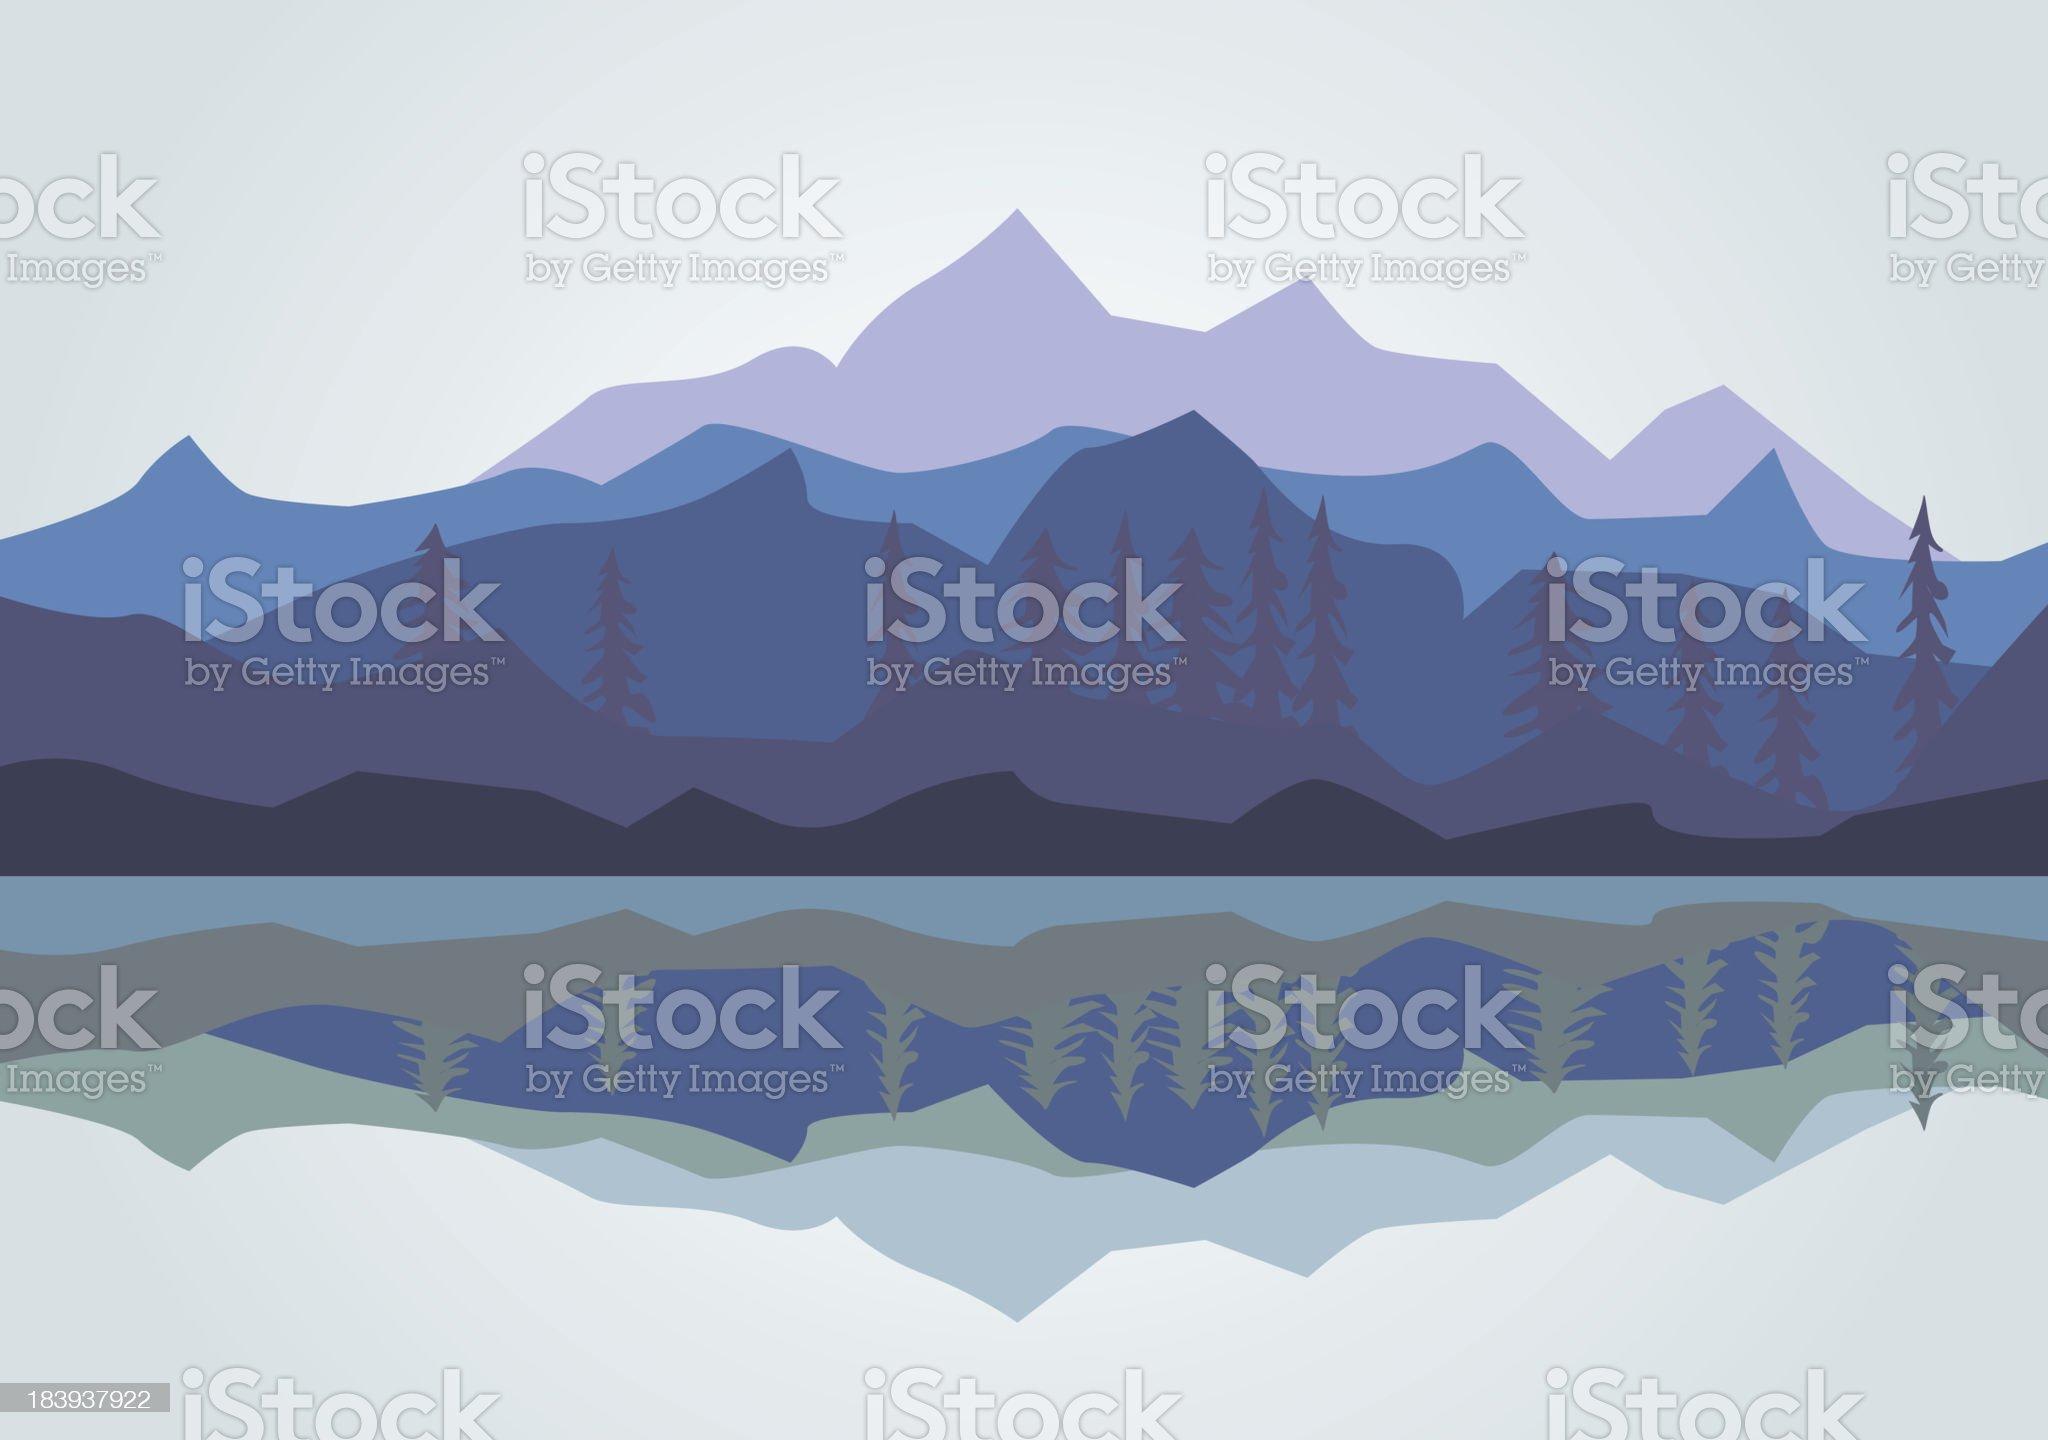 Vector - Mountain royalty-free stock vector art